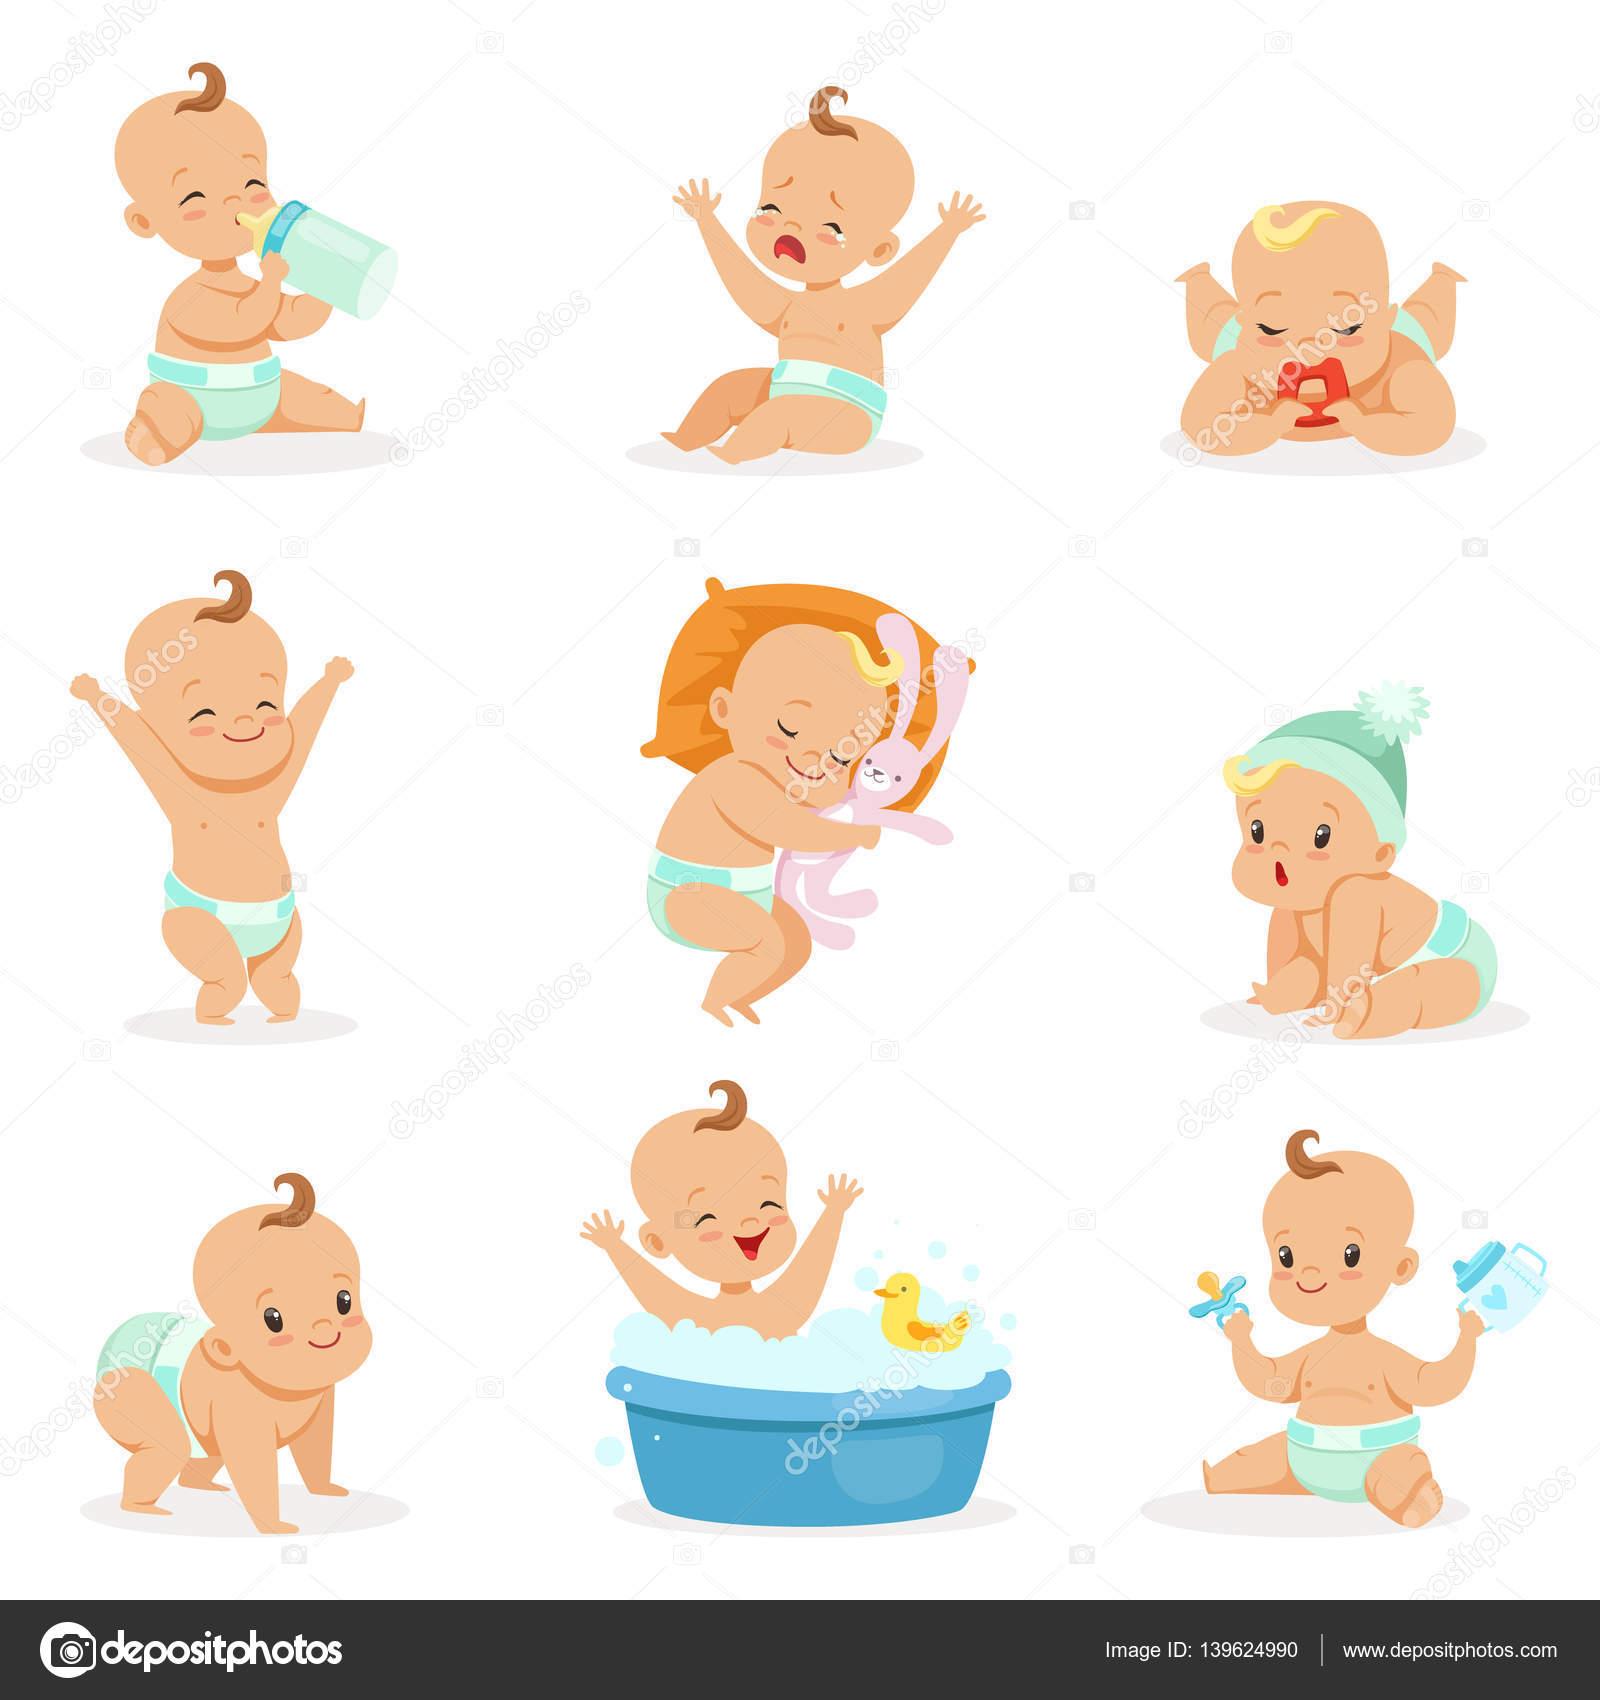 adorable beb feliz y su conjunto habitual diario de infancia dibujos animados e ilustraciones infantiles vector pegatinas con escenas de la vida de nio y